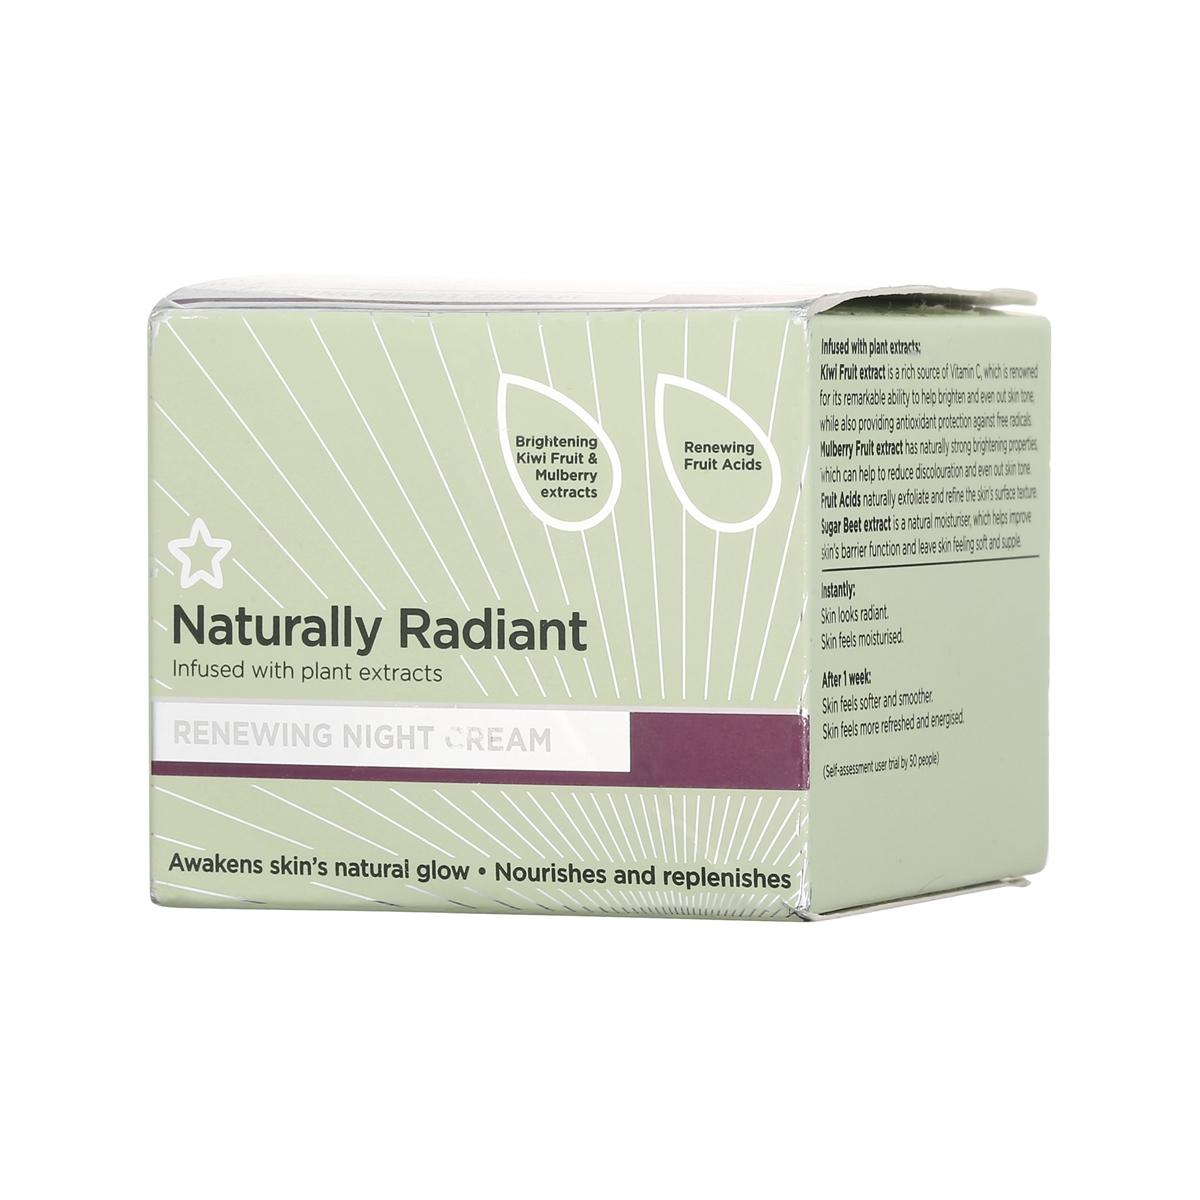 台湾屈臣氏Superdrug Naturally Radiant新生晚霜75ml盒